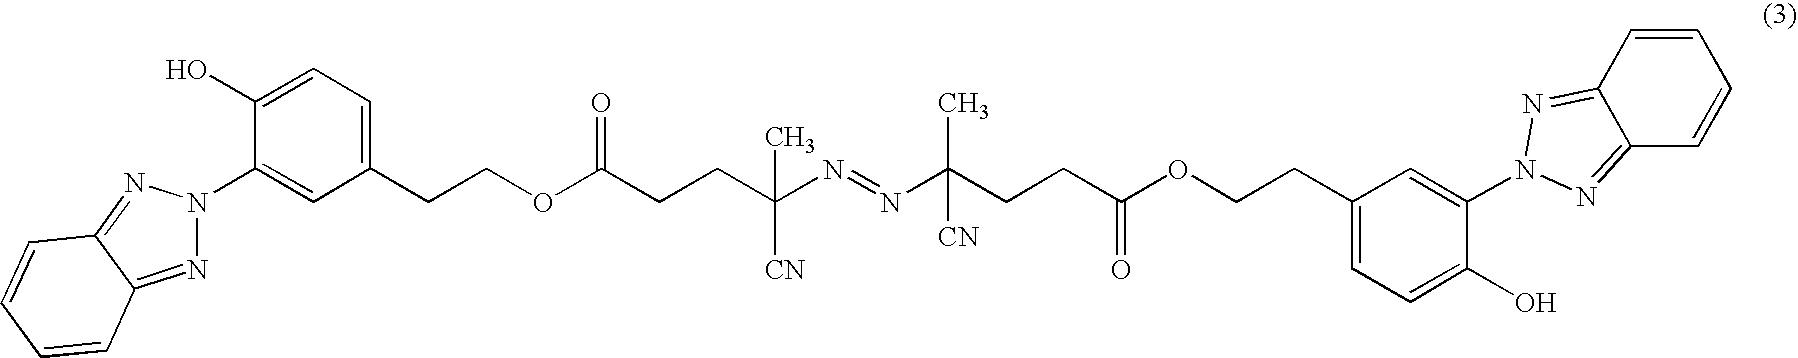 Figure US08119830-20120221-C00004